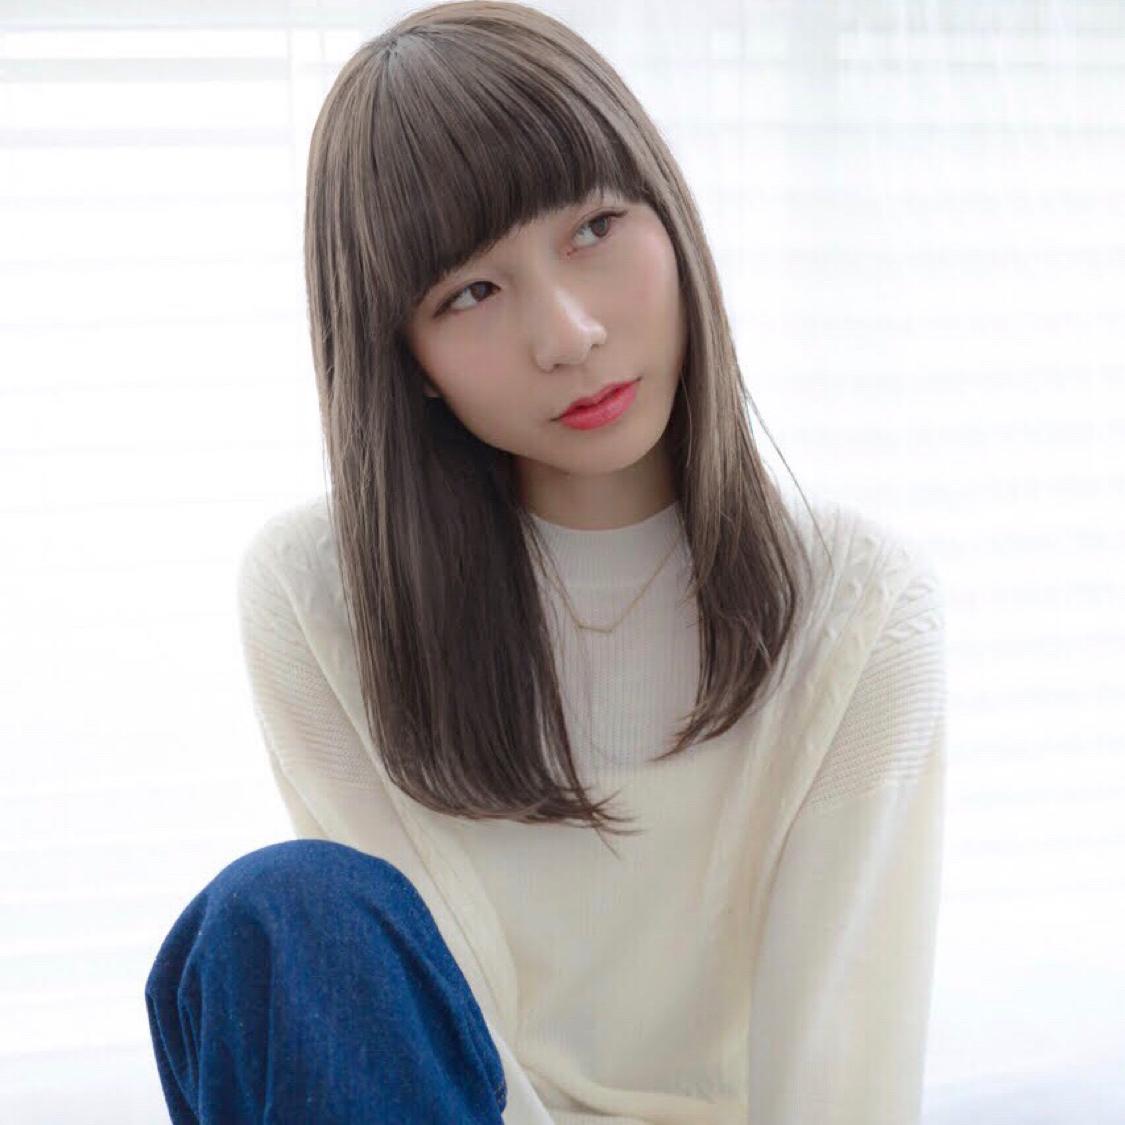 萩原 翔志也/Hagiwara Toshiyaが投稿した画像